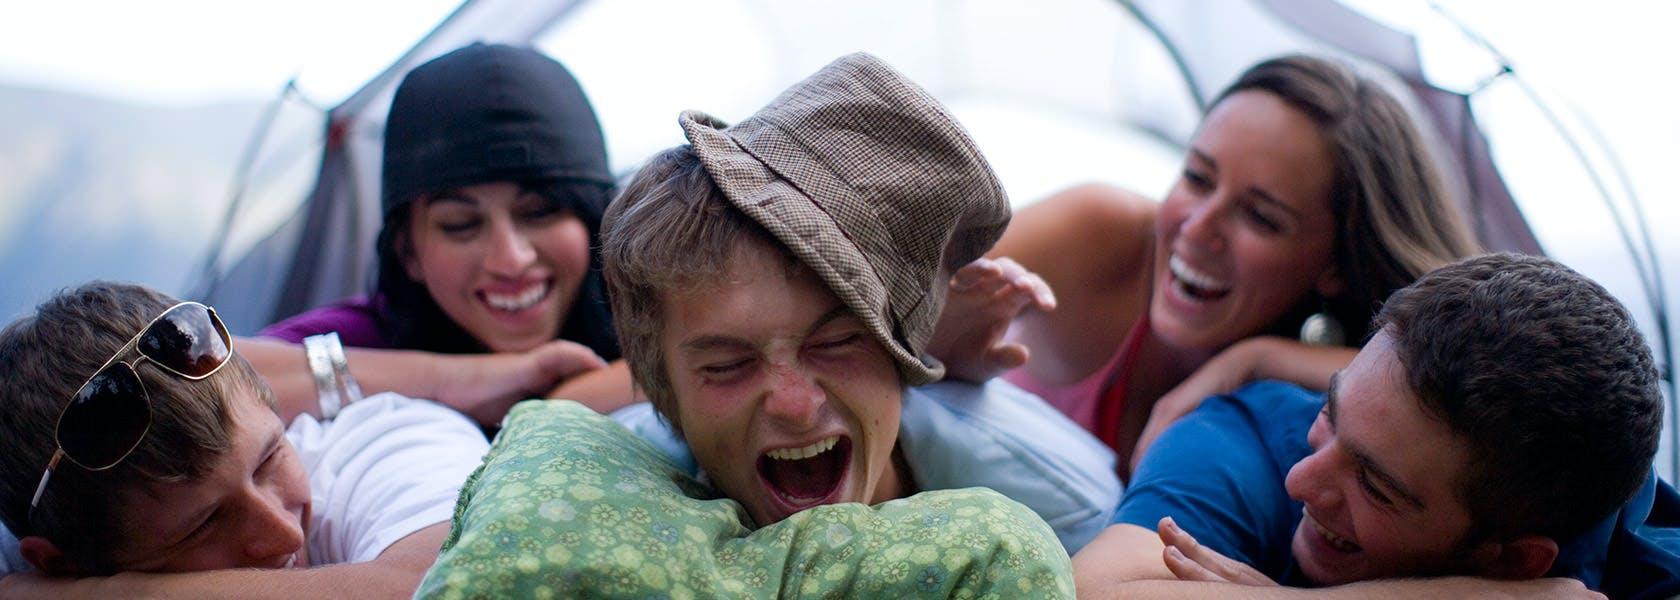 Amigos se ríen mientras se tirar sobre otro en un campamento